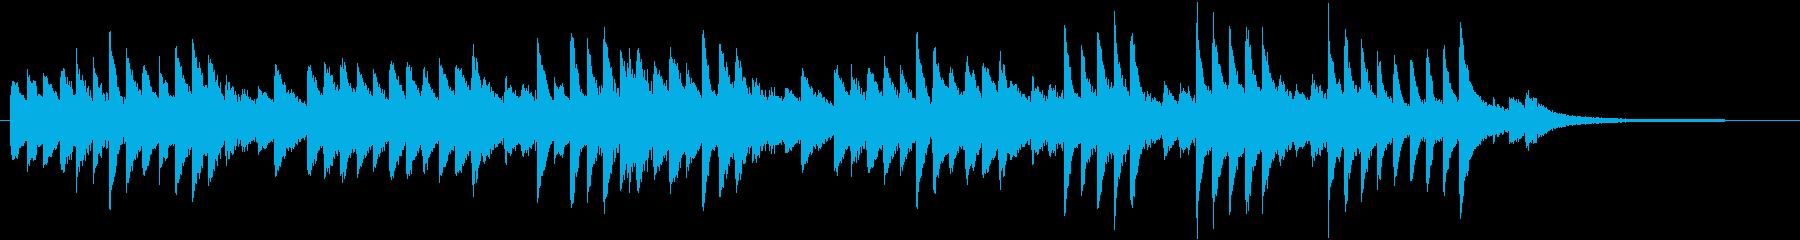 童謡・うれしいひなまつりピアノBGM①の再生済みの波形